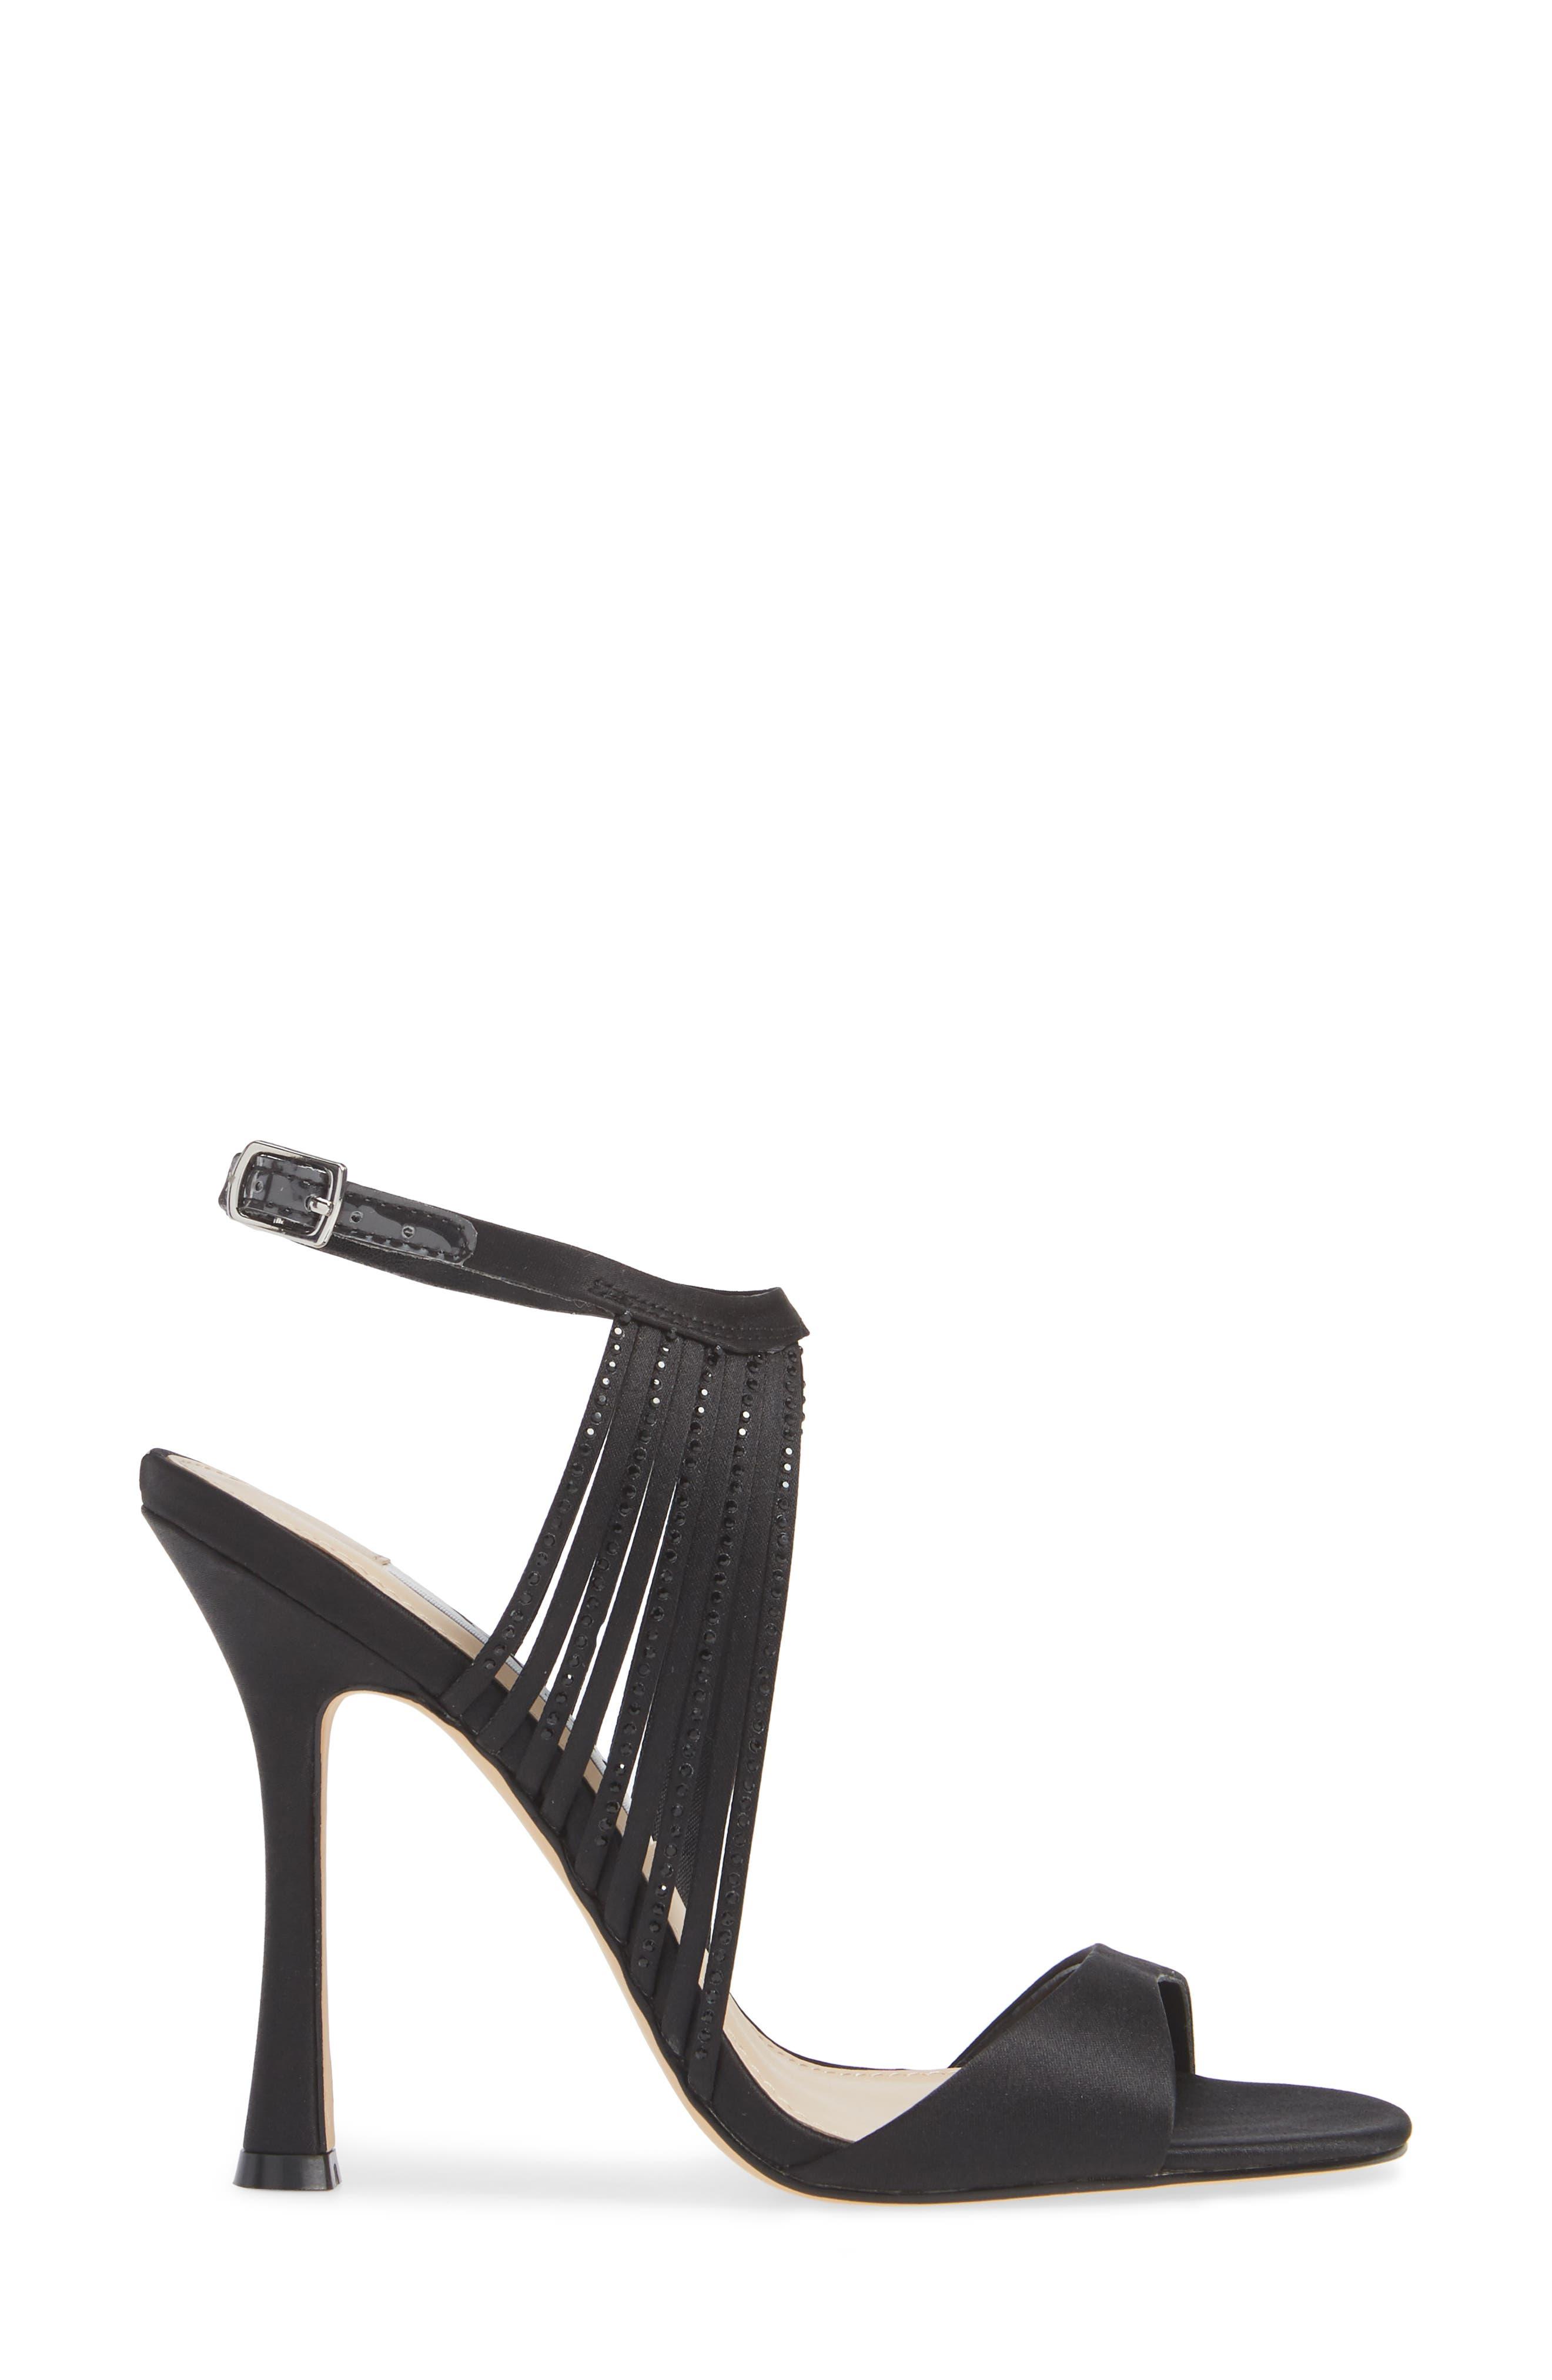 Damaris Crystal Embellished Sandal,                             Alternate thumbnail 3, color,                             BLACK SATIN